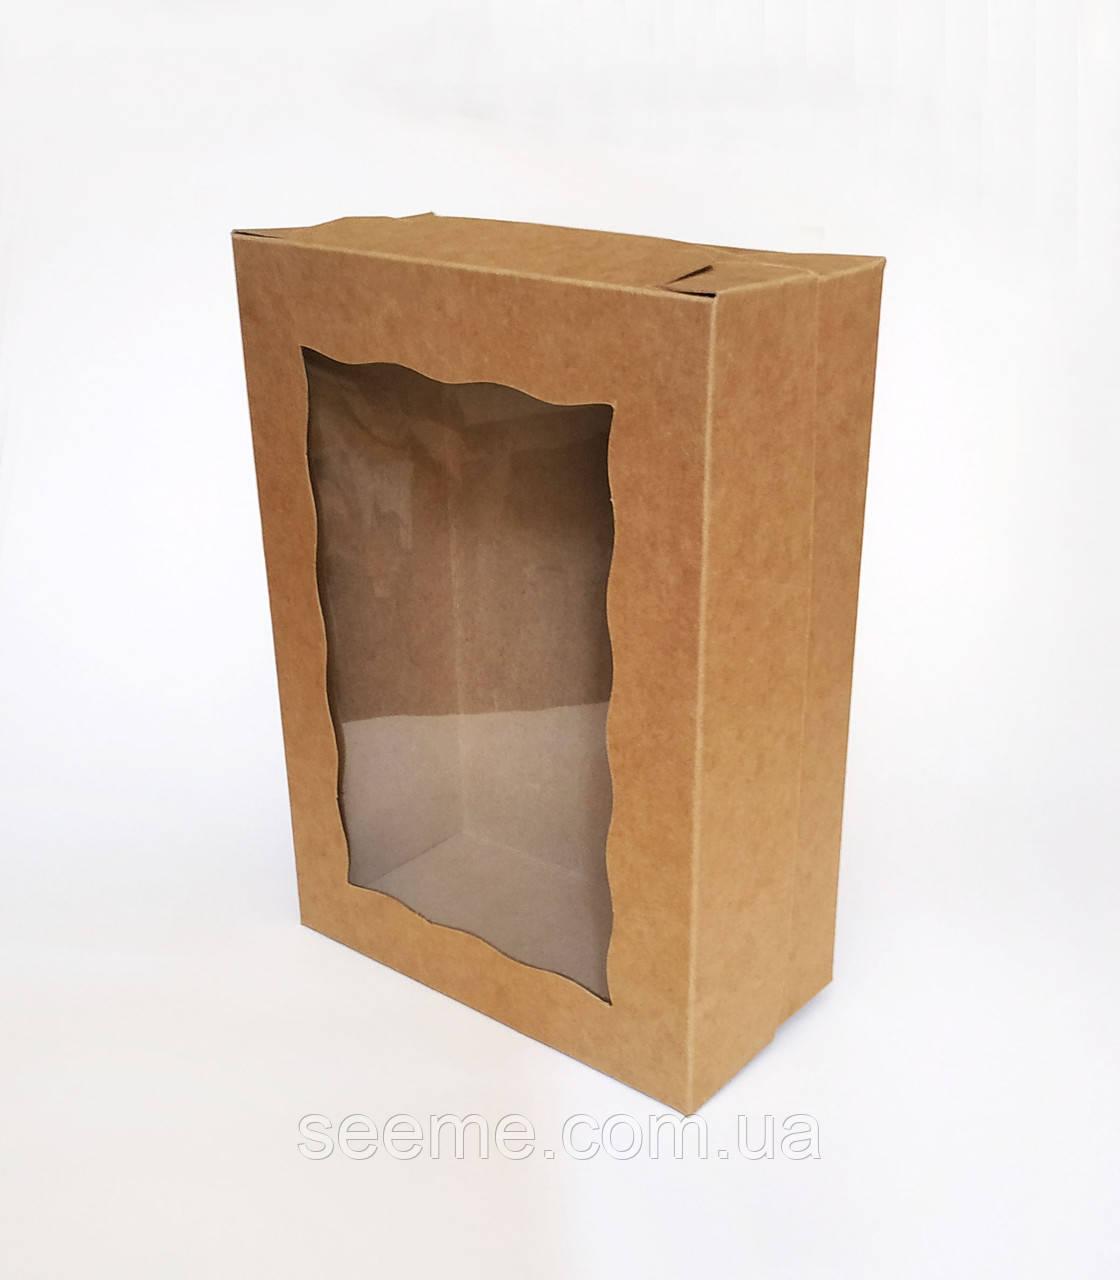 Коробка із крафт картону для упаковки ляльок ручної роботи 255x180x90 мм